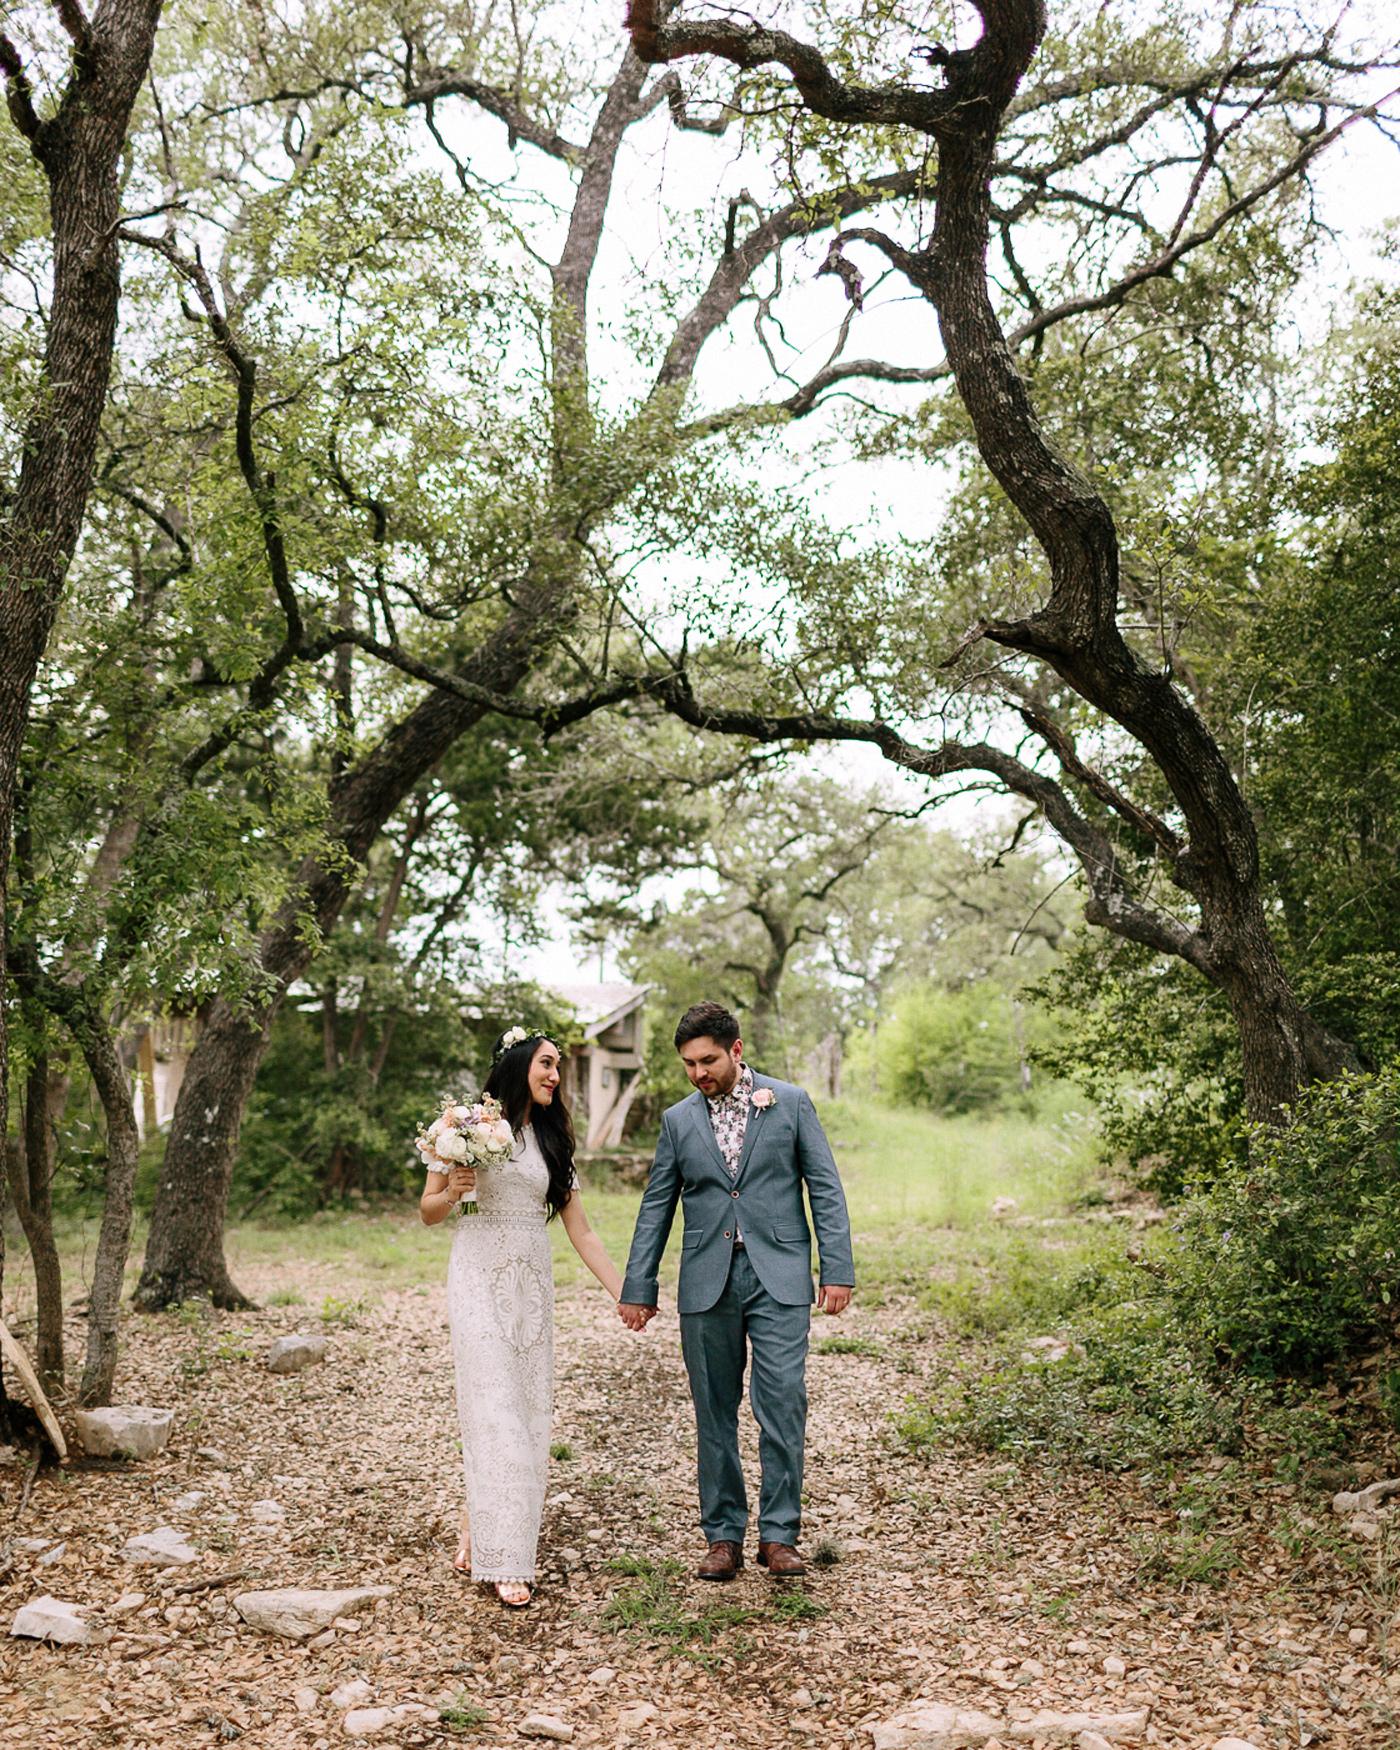 324-wimberley-texas-intimate-backyard-wedding.jpg